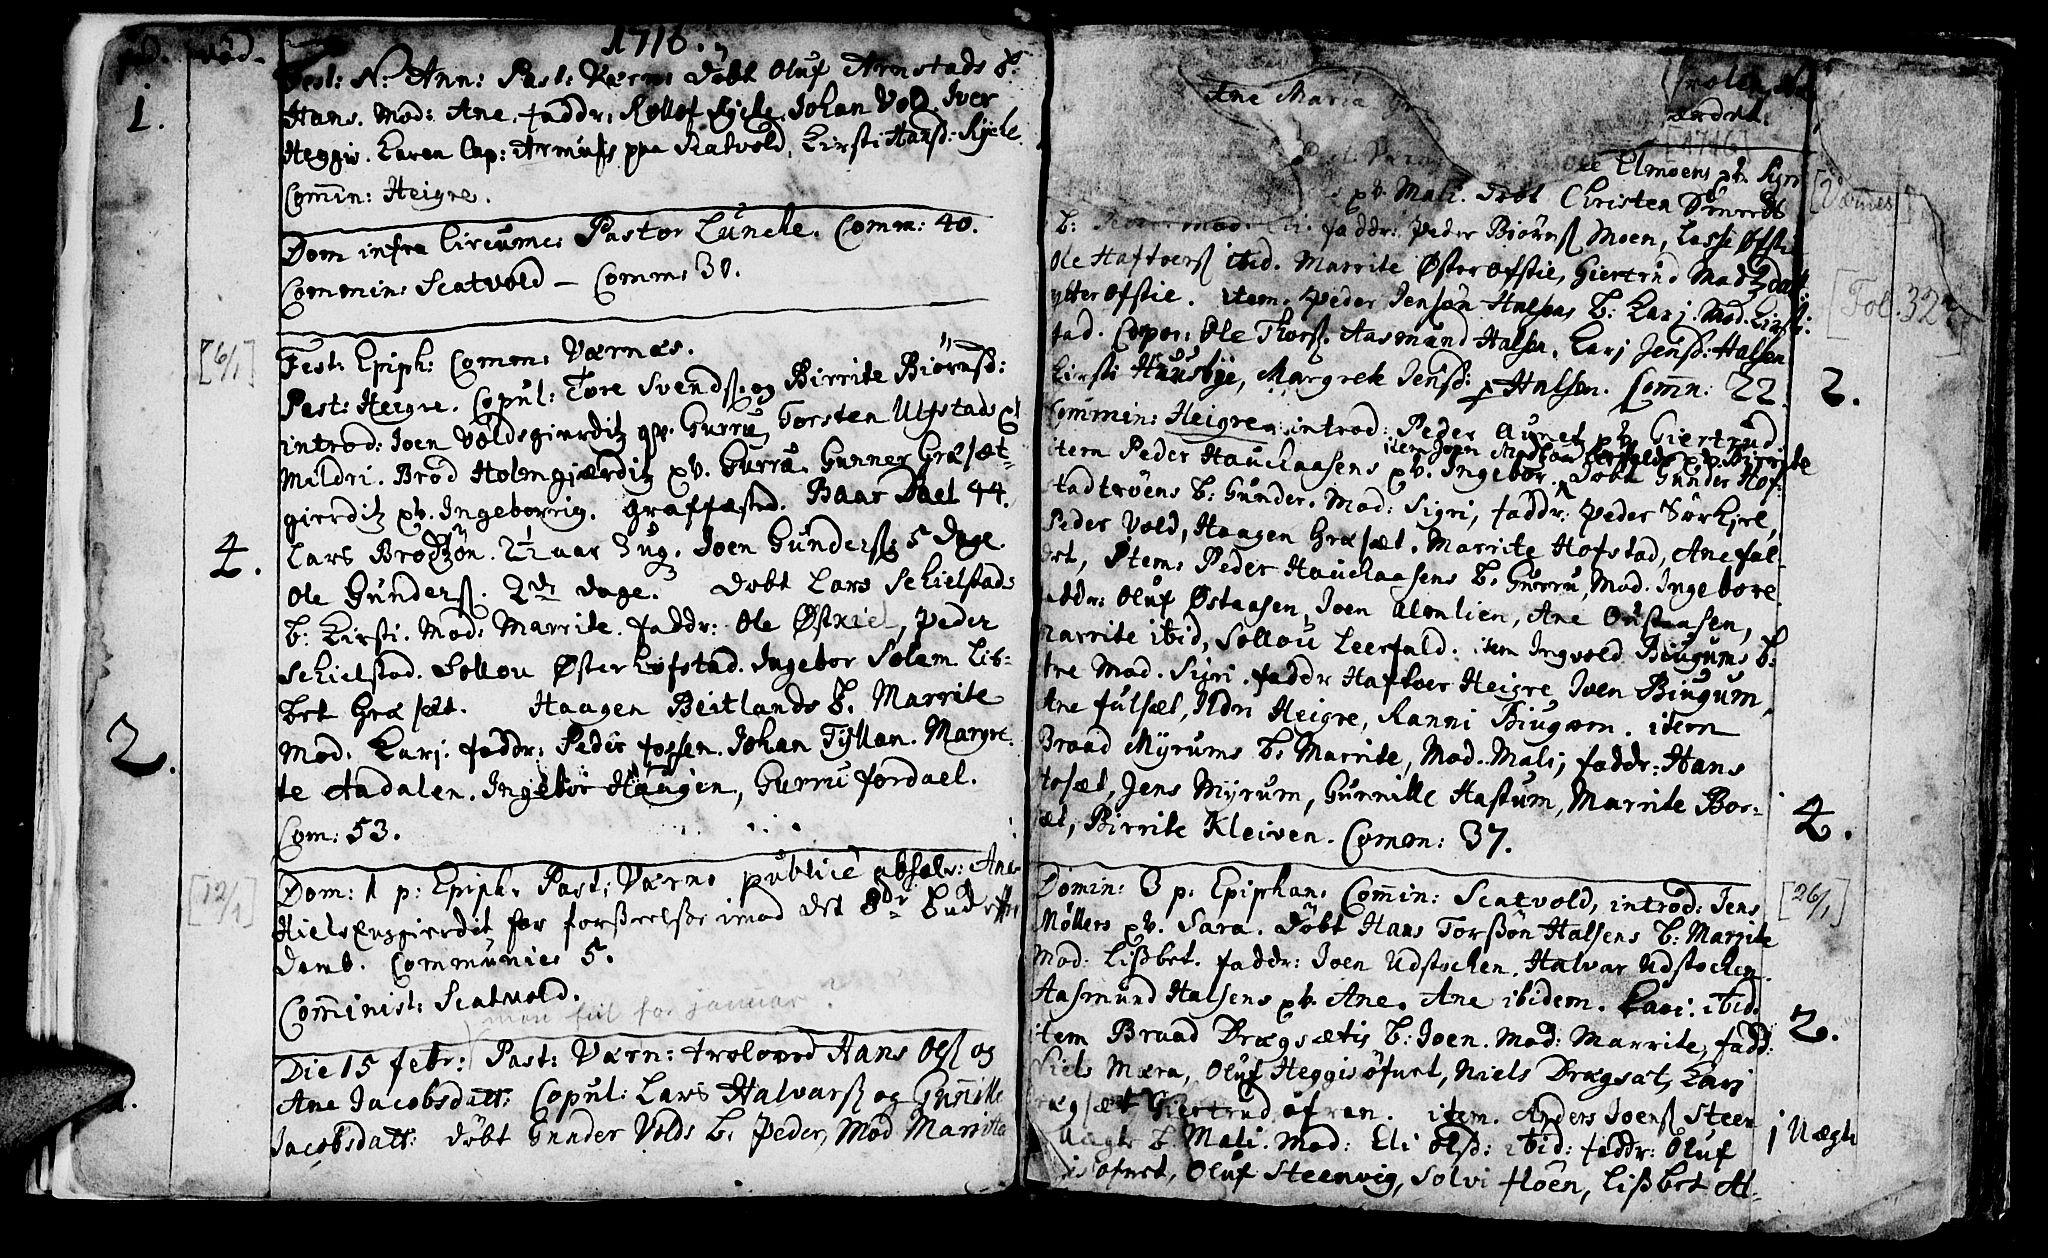 SAT, Ministerialprotokoller, klokkerbøker og fødselsregistre - Nord-Trøndelag, 709/L0054: Ministerialbok nr. 709A02, 1714-1738, s. 32